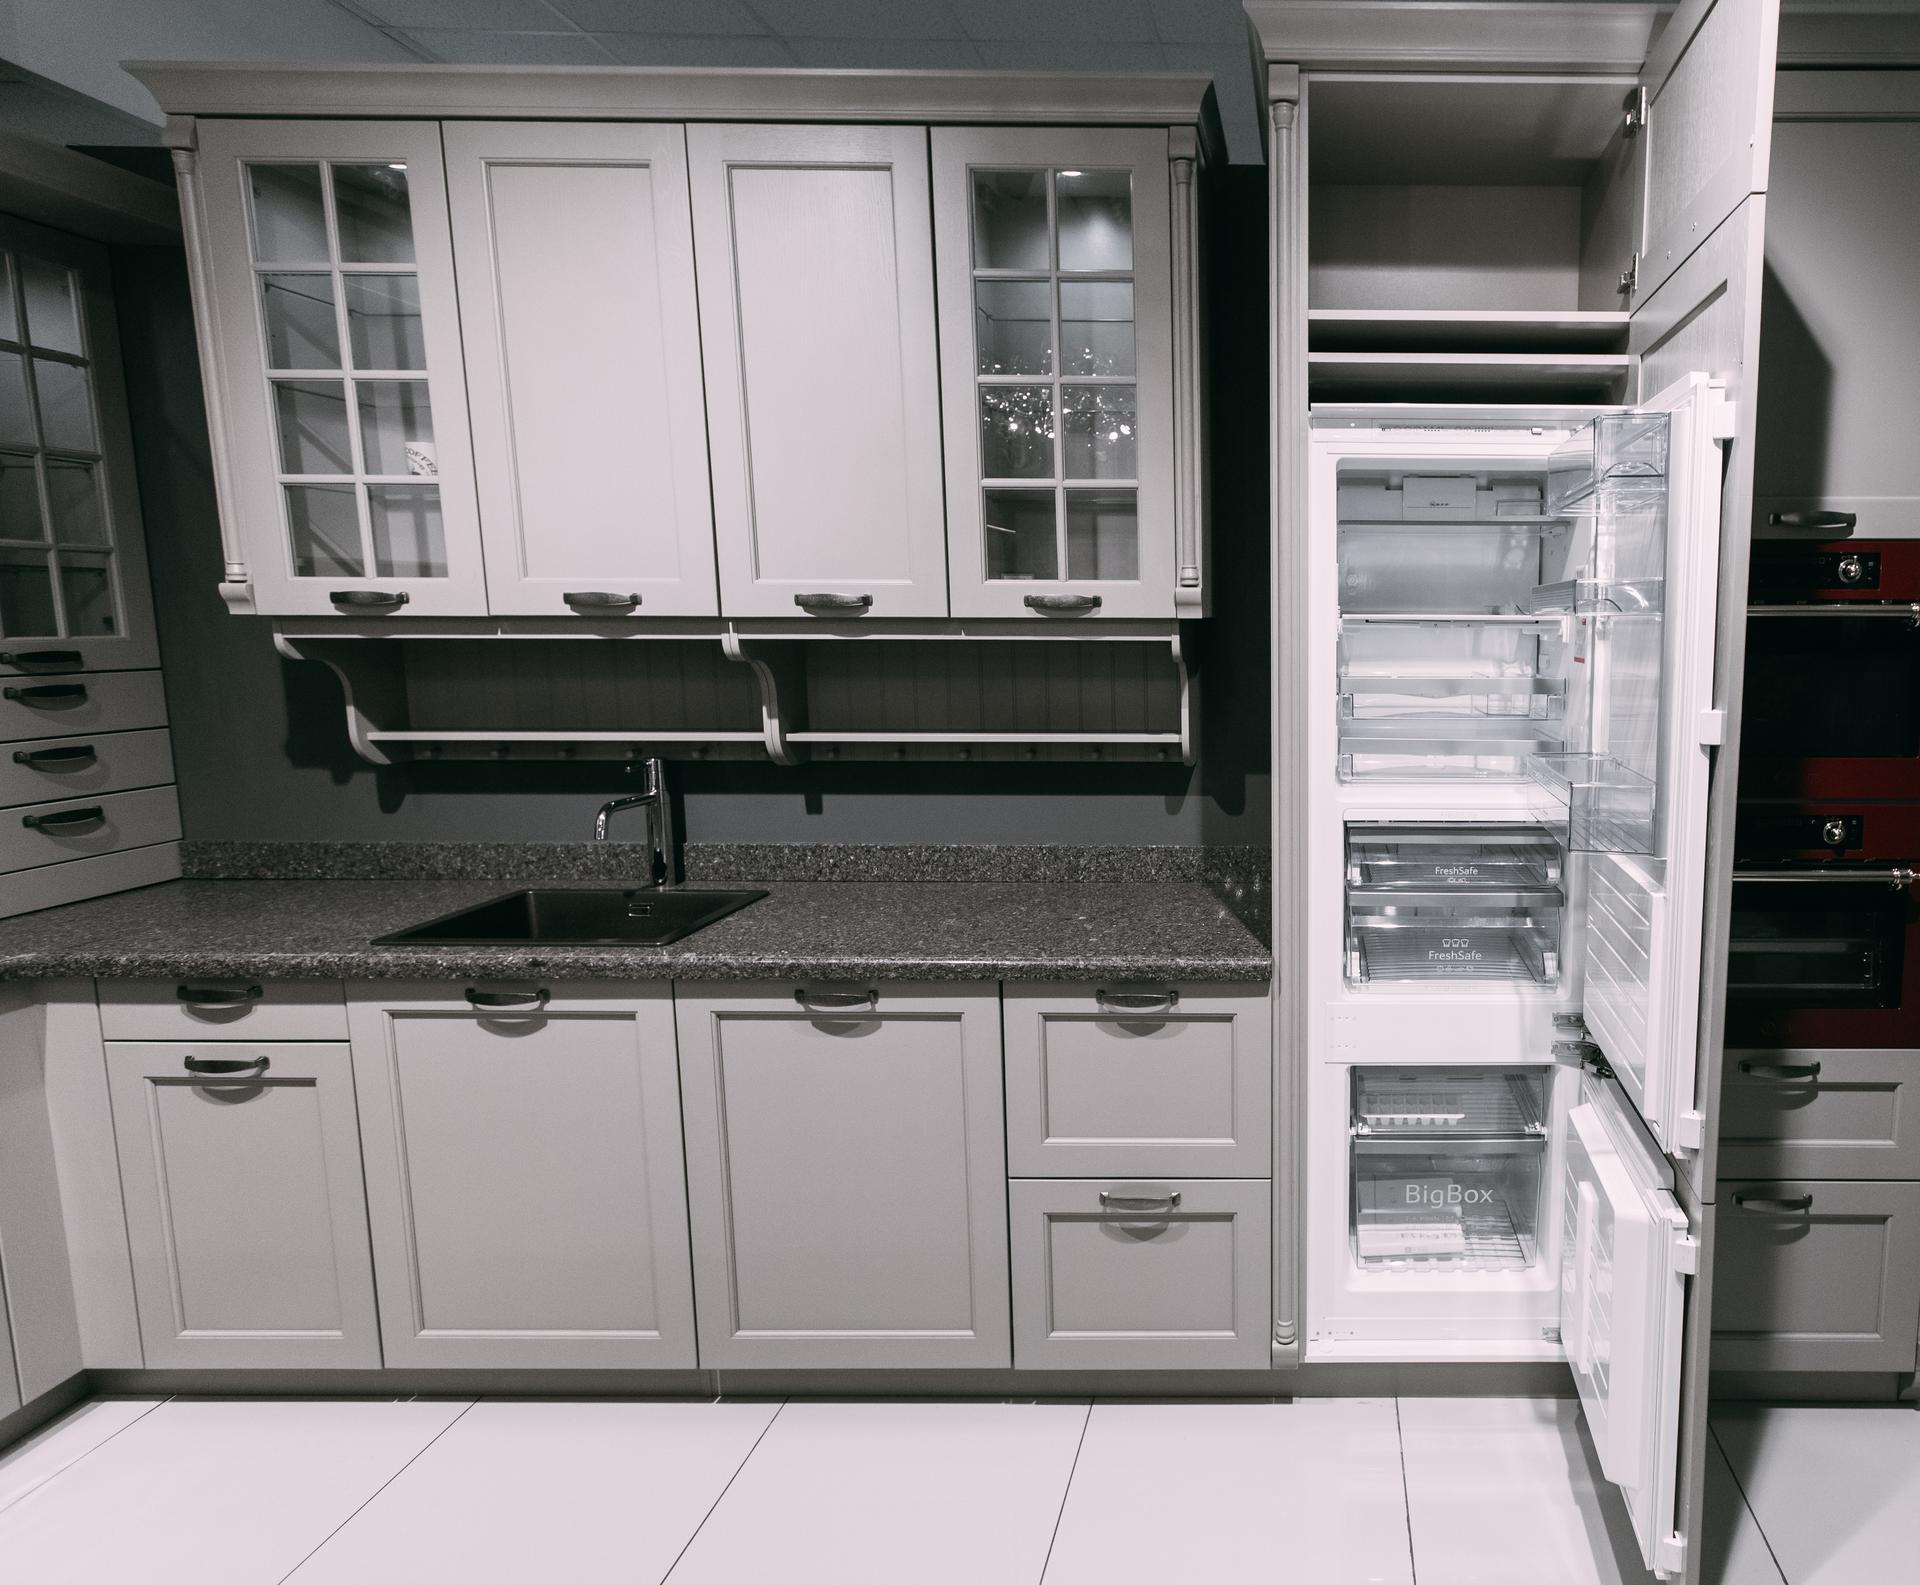 модель Toscana, Кухни Schröder, фото 5